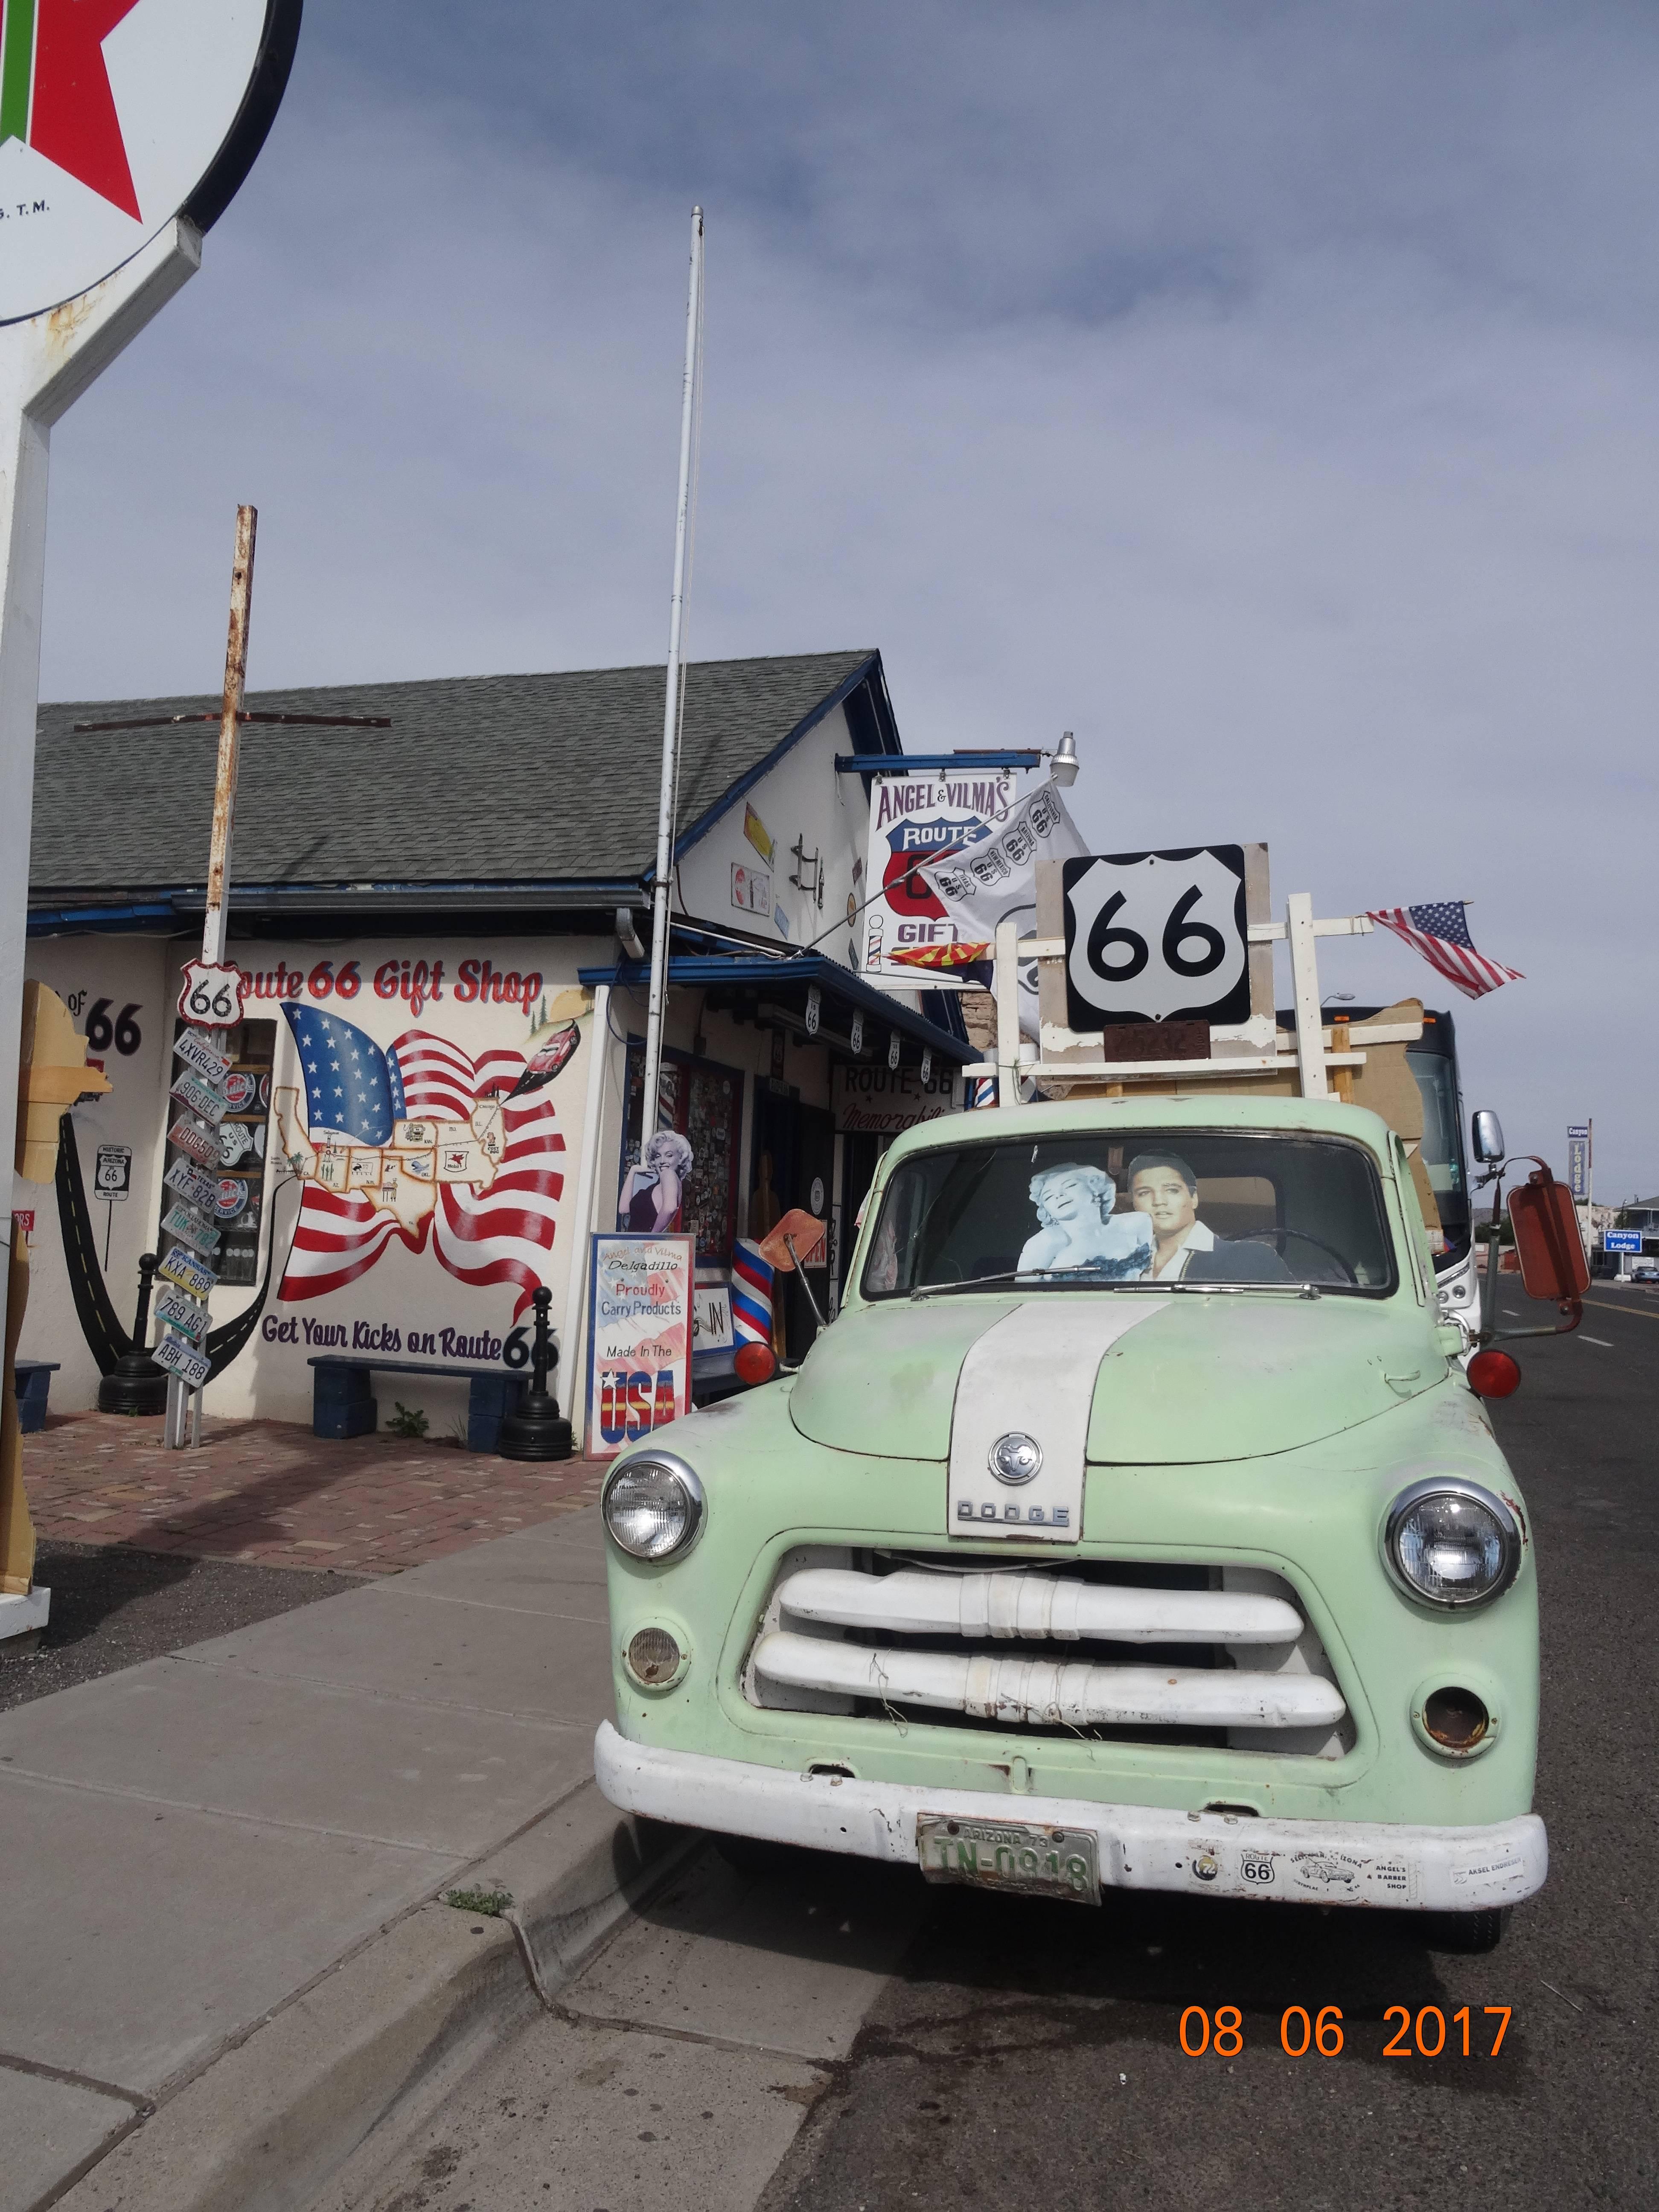 Photo 2: Petit arrêt sur la mythique Route 66 - USA